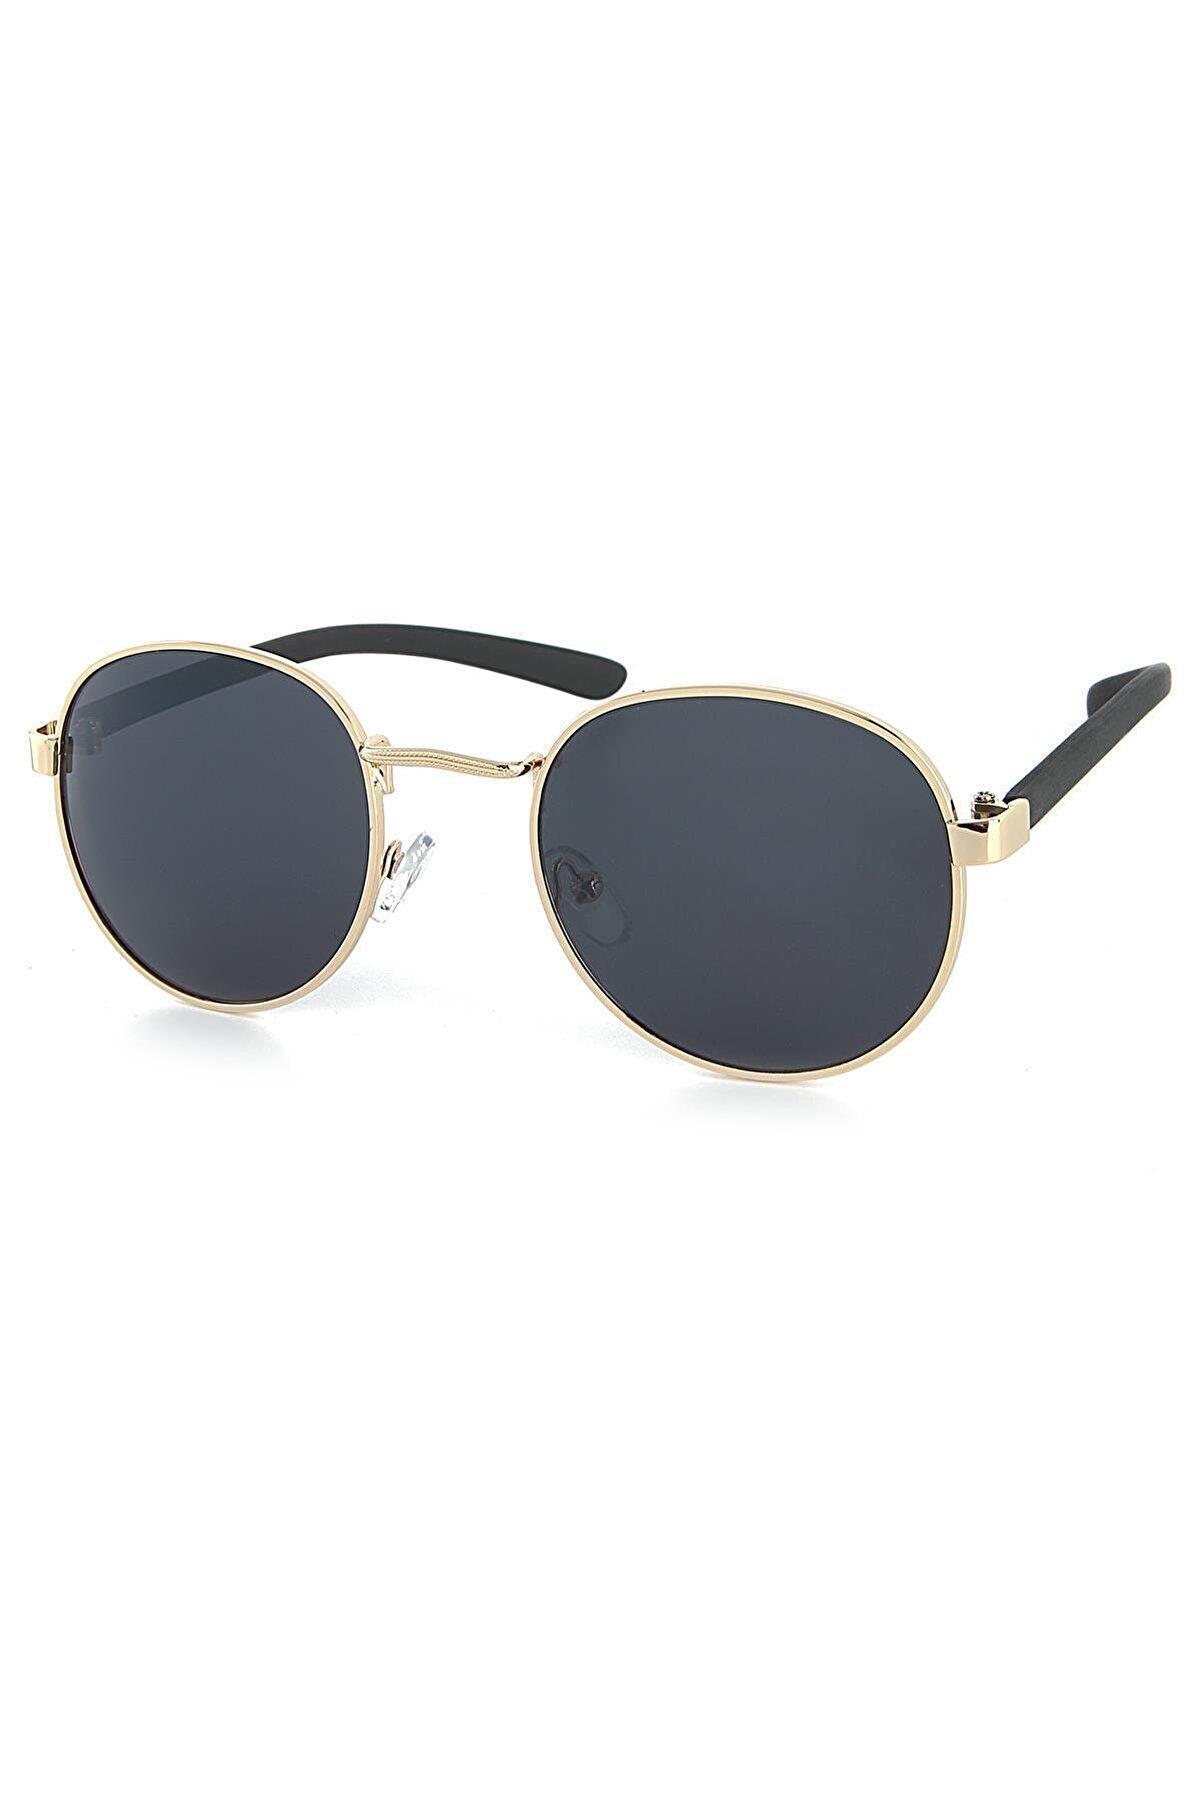 Luis Polo Lp720 Kadın Güneş Gözlüğü